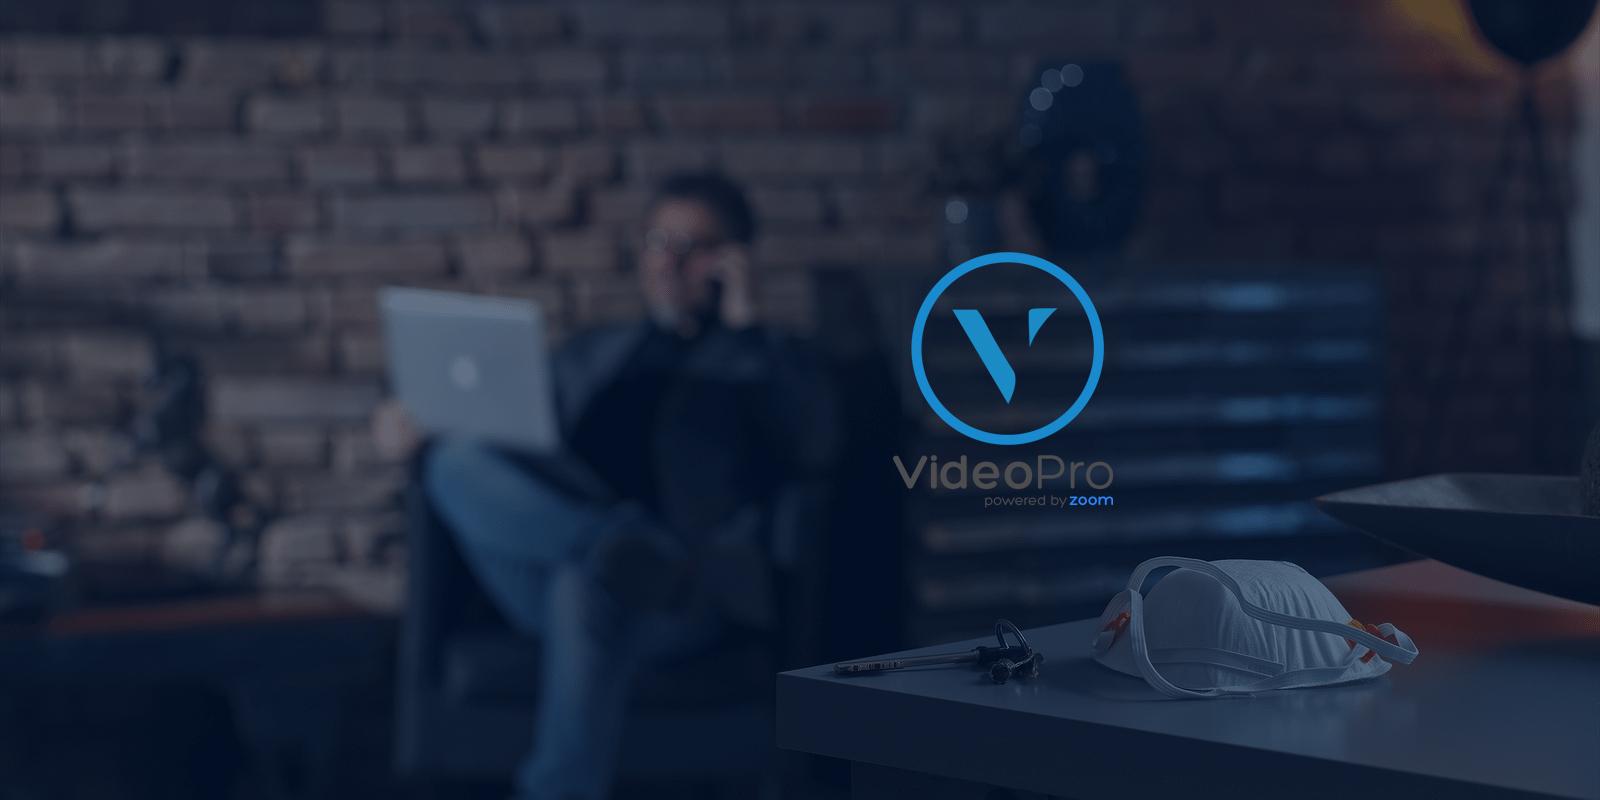 SISTEMAS DE VIDEOATENCIÓN